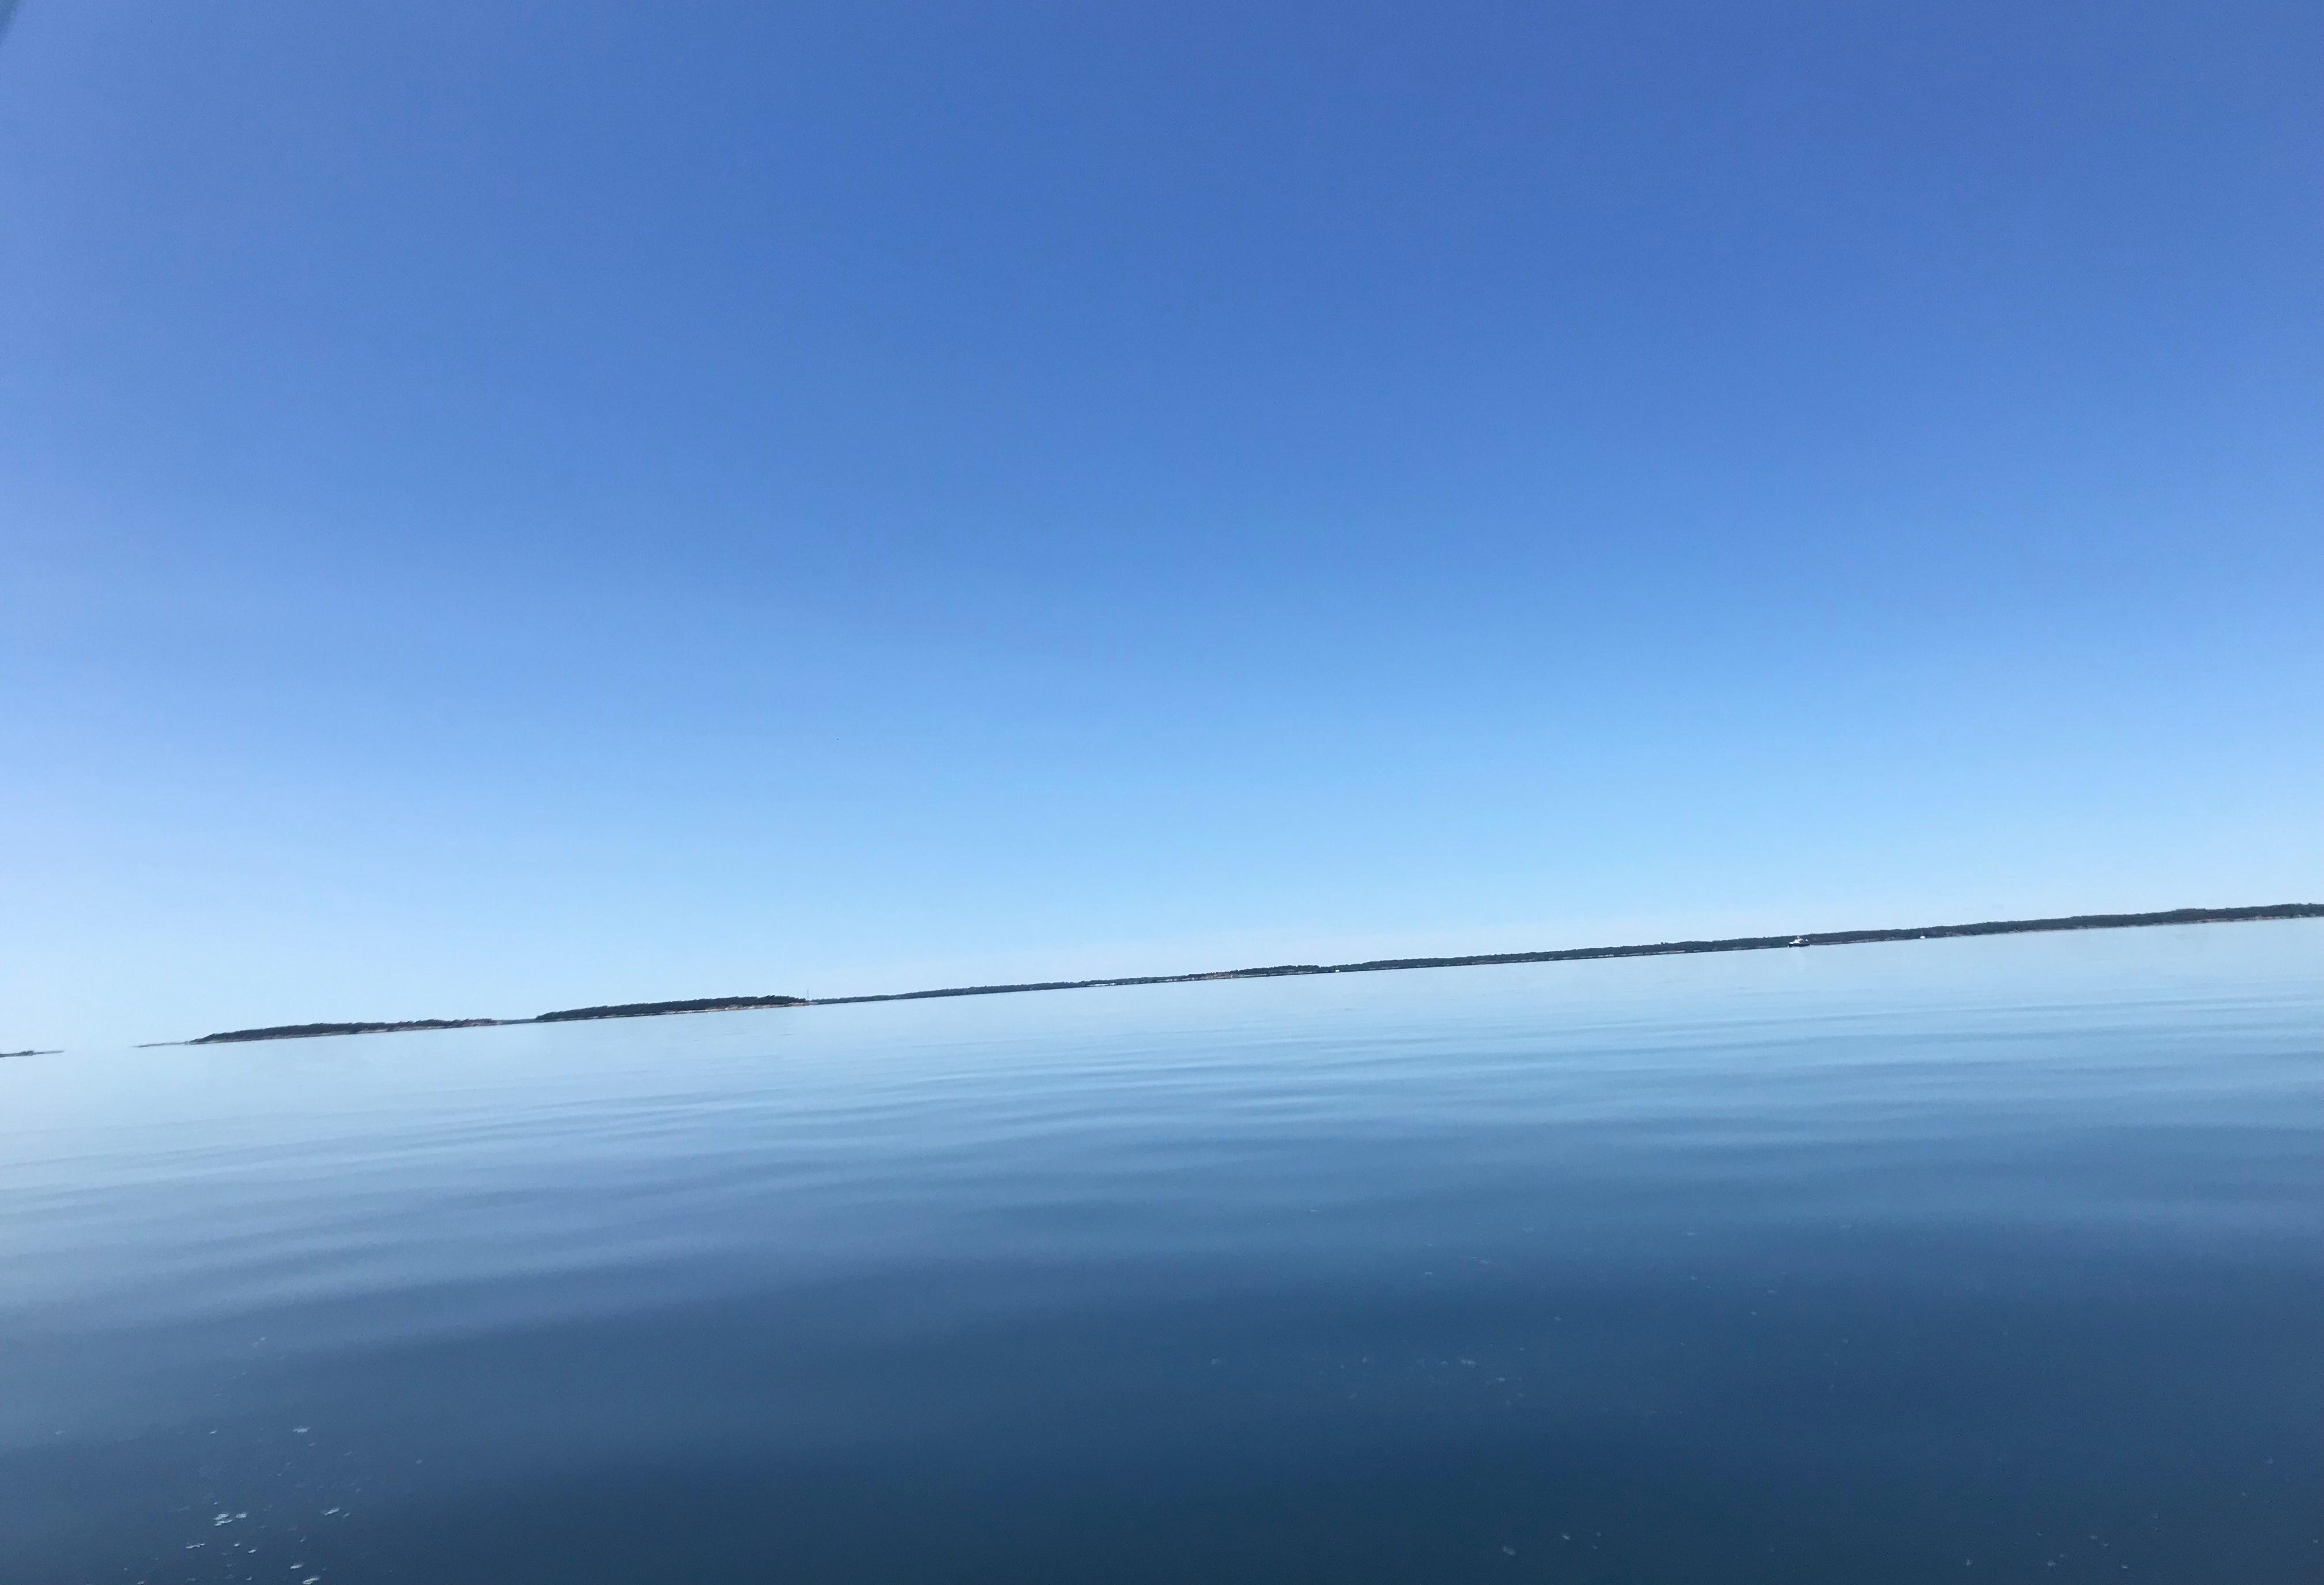 Meri ei oikeastaan enää tämän tyynempi voisi olla. Kaunista katsella ja mukavan tasaista menoa veneellä!